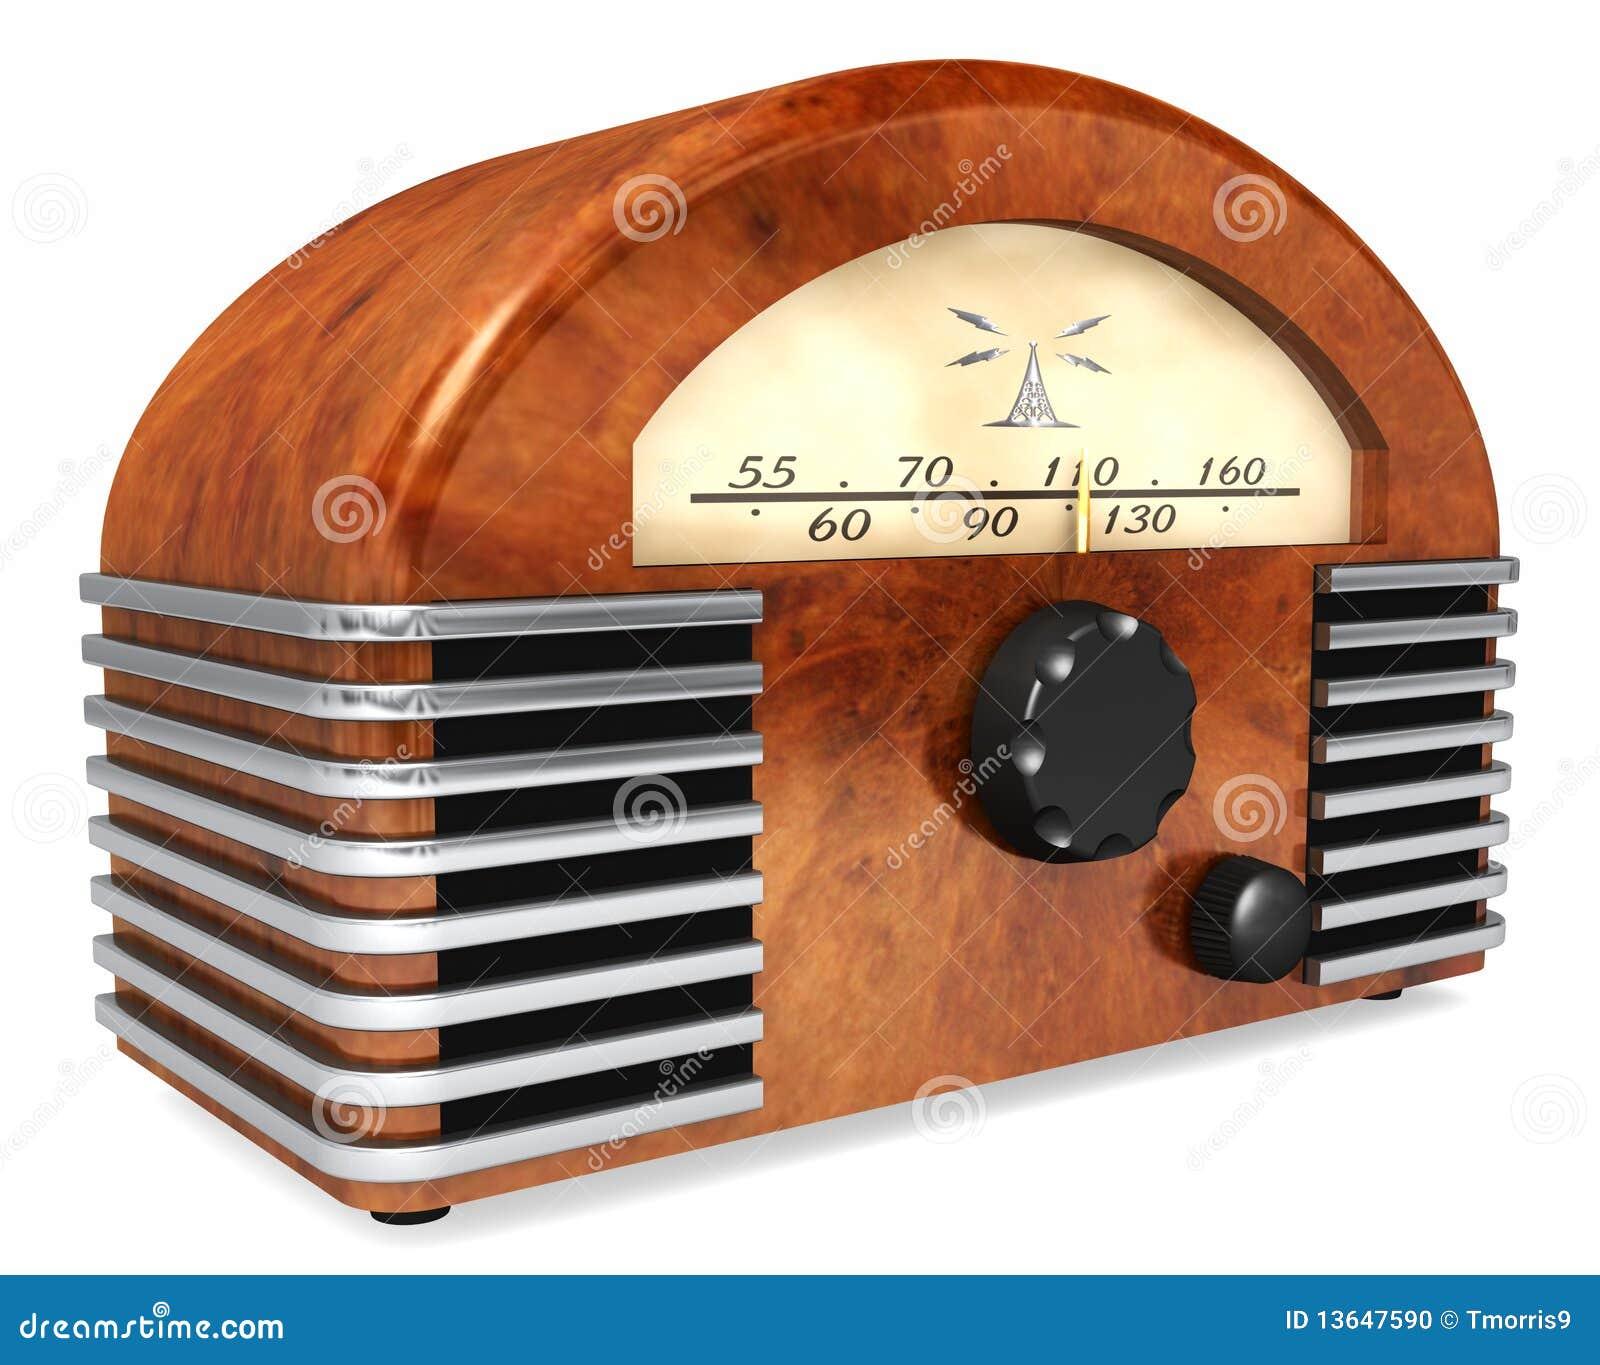 Art-Deco Radio